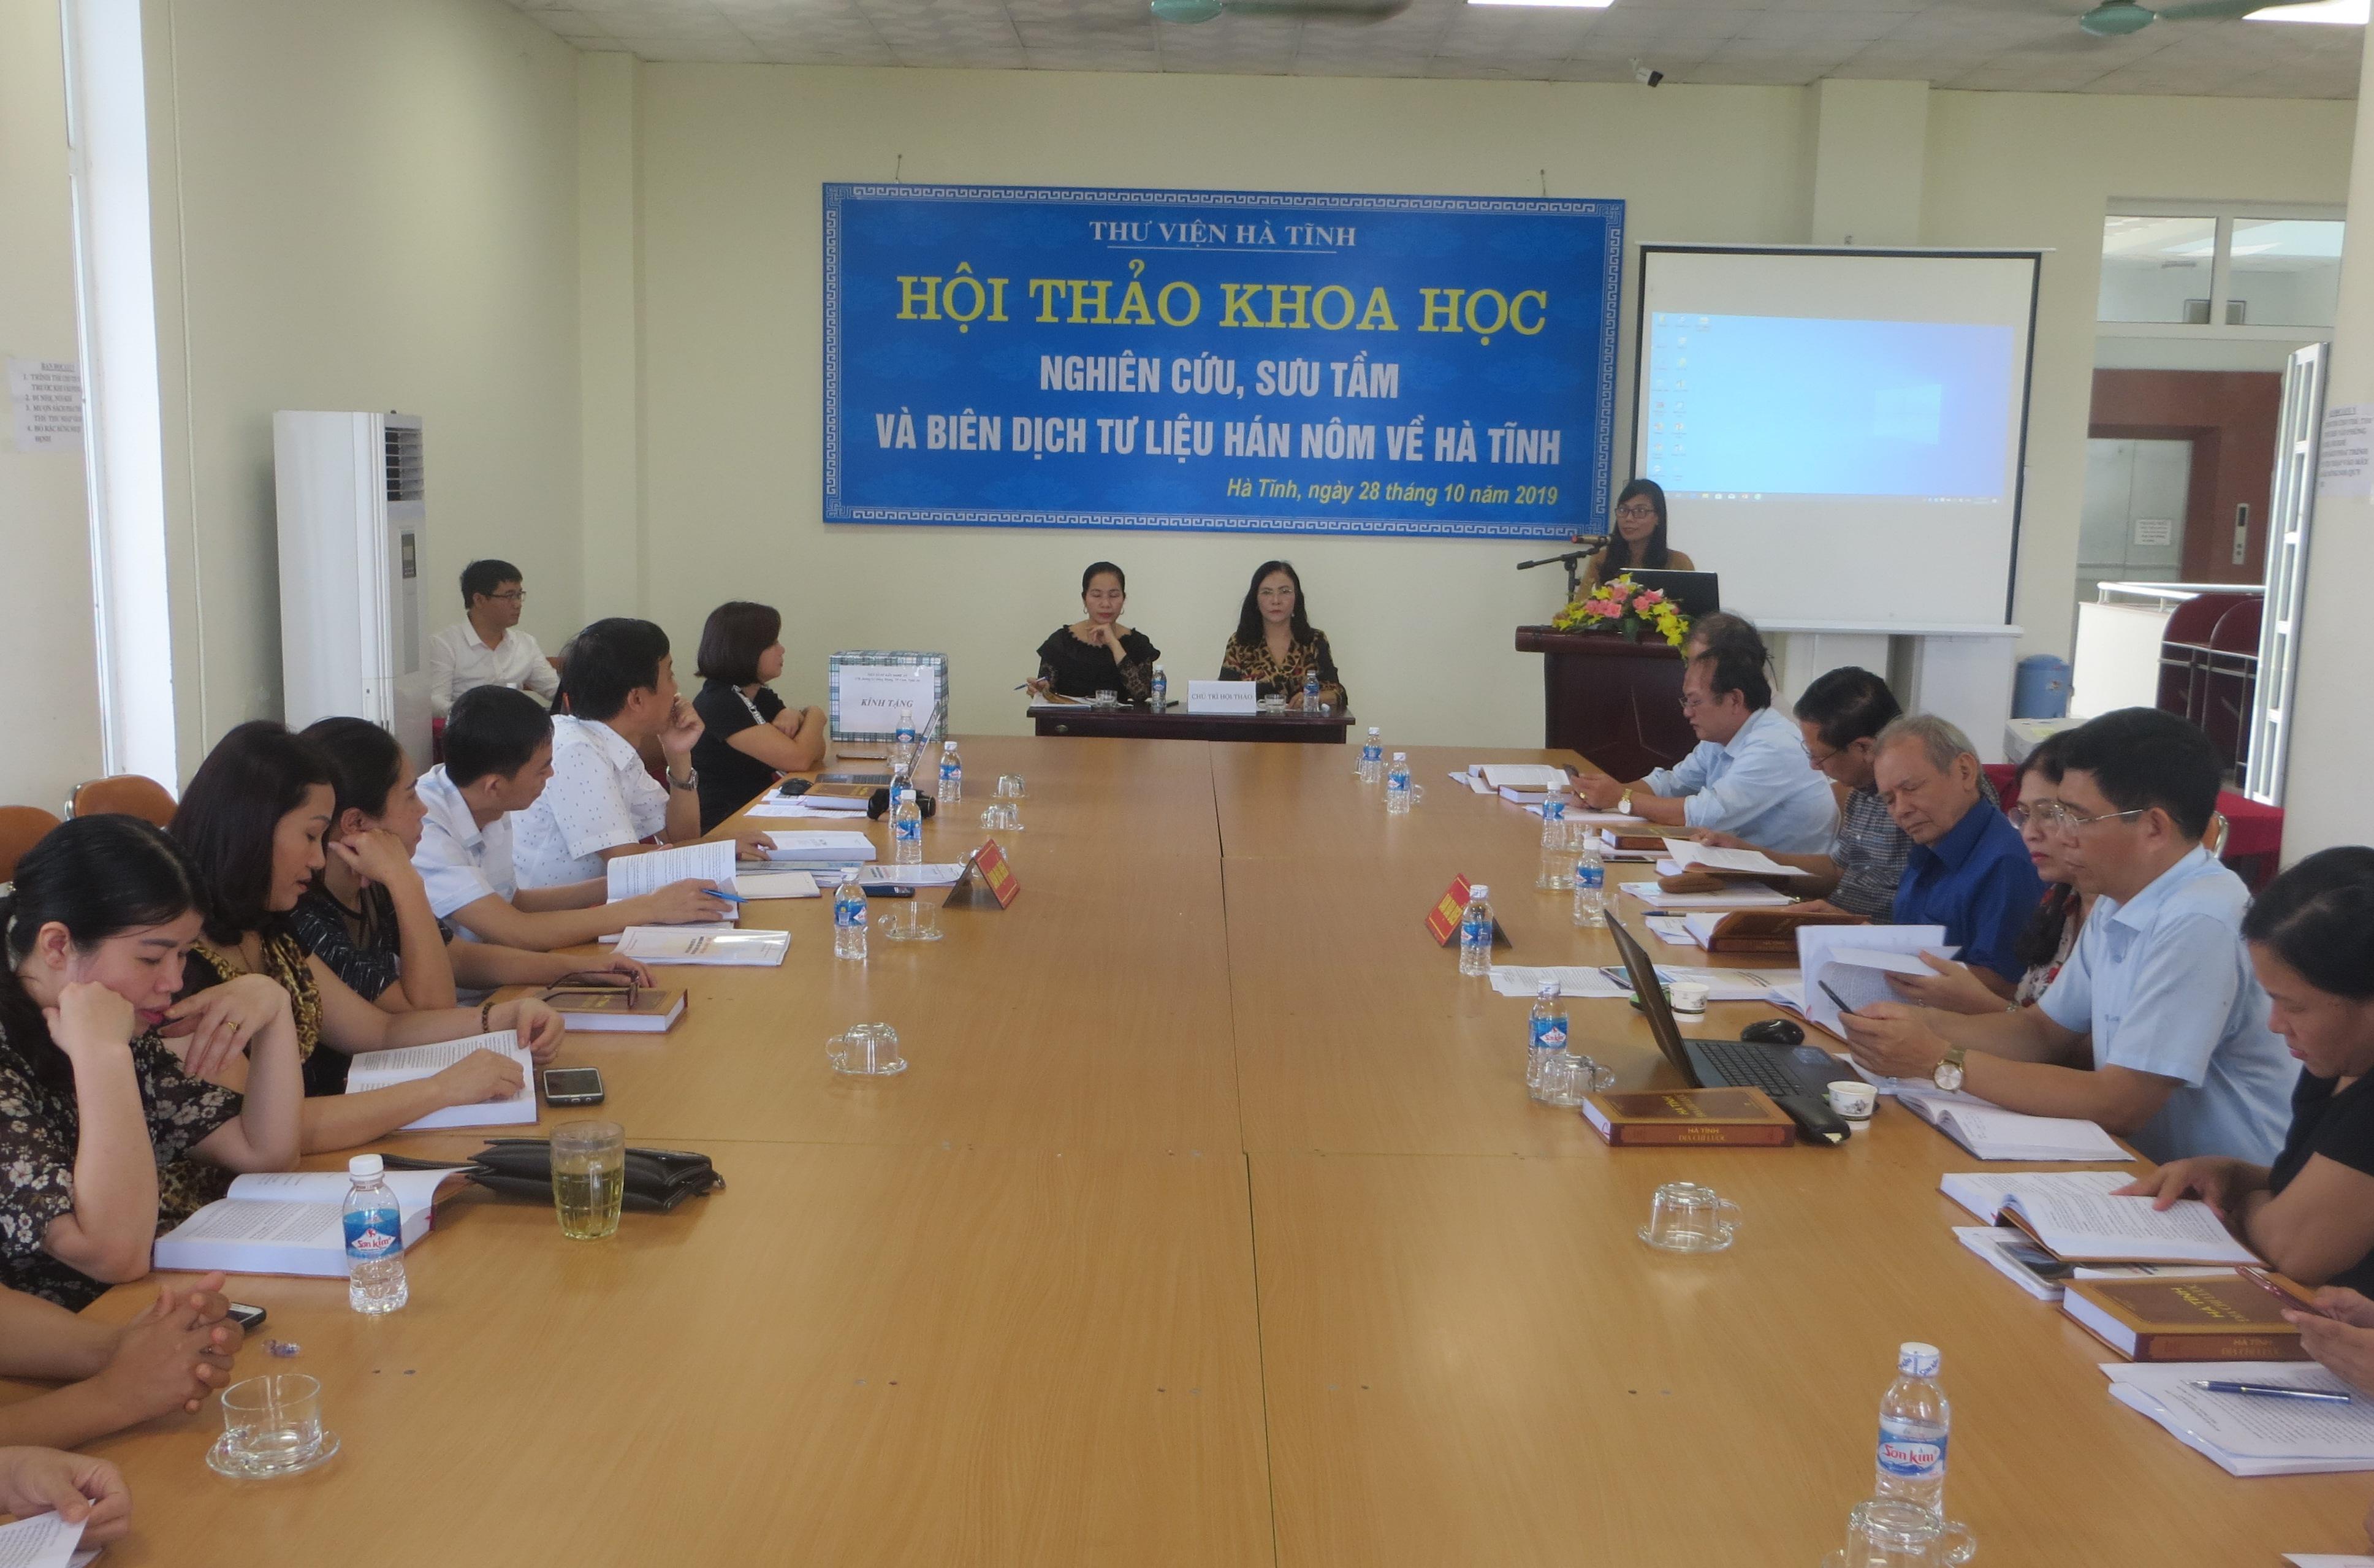 Hội thảo khoa học tư liệu Hán Nôm về Hà Tĩnh